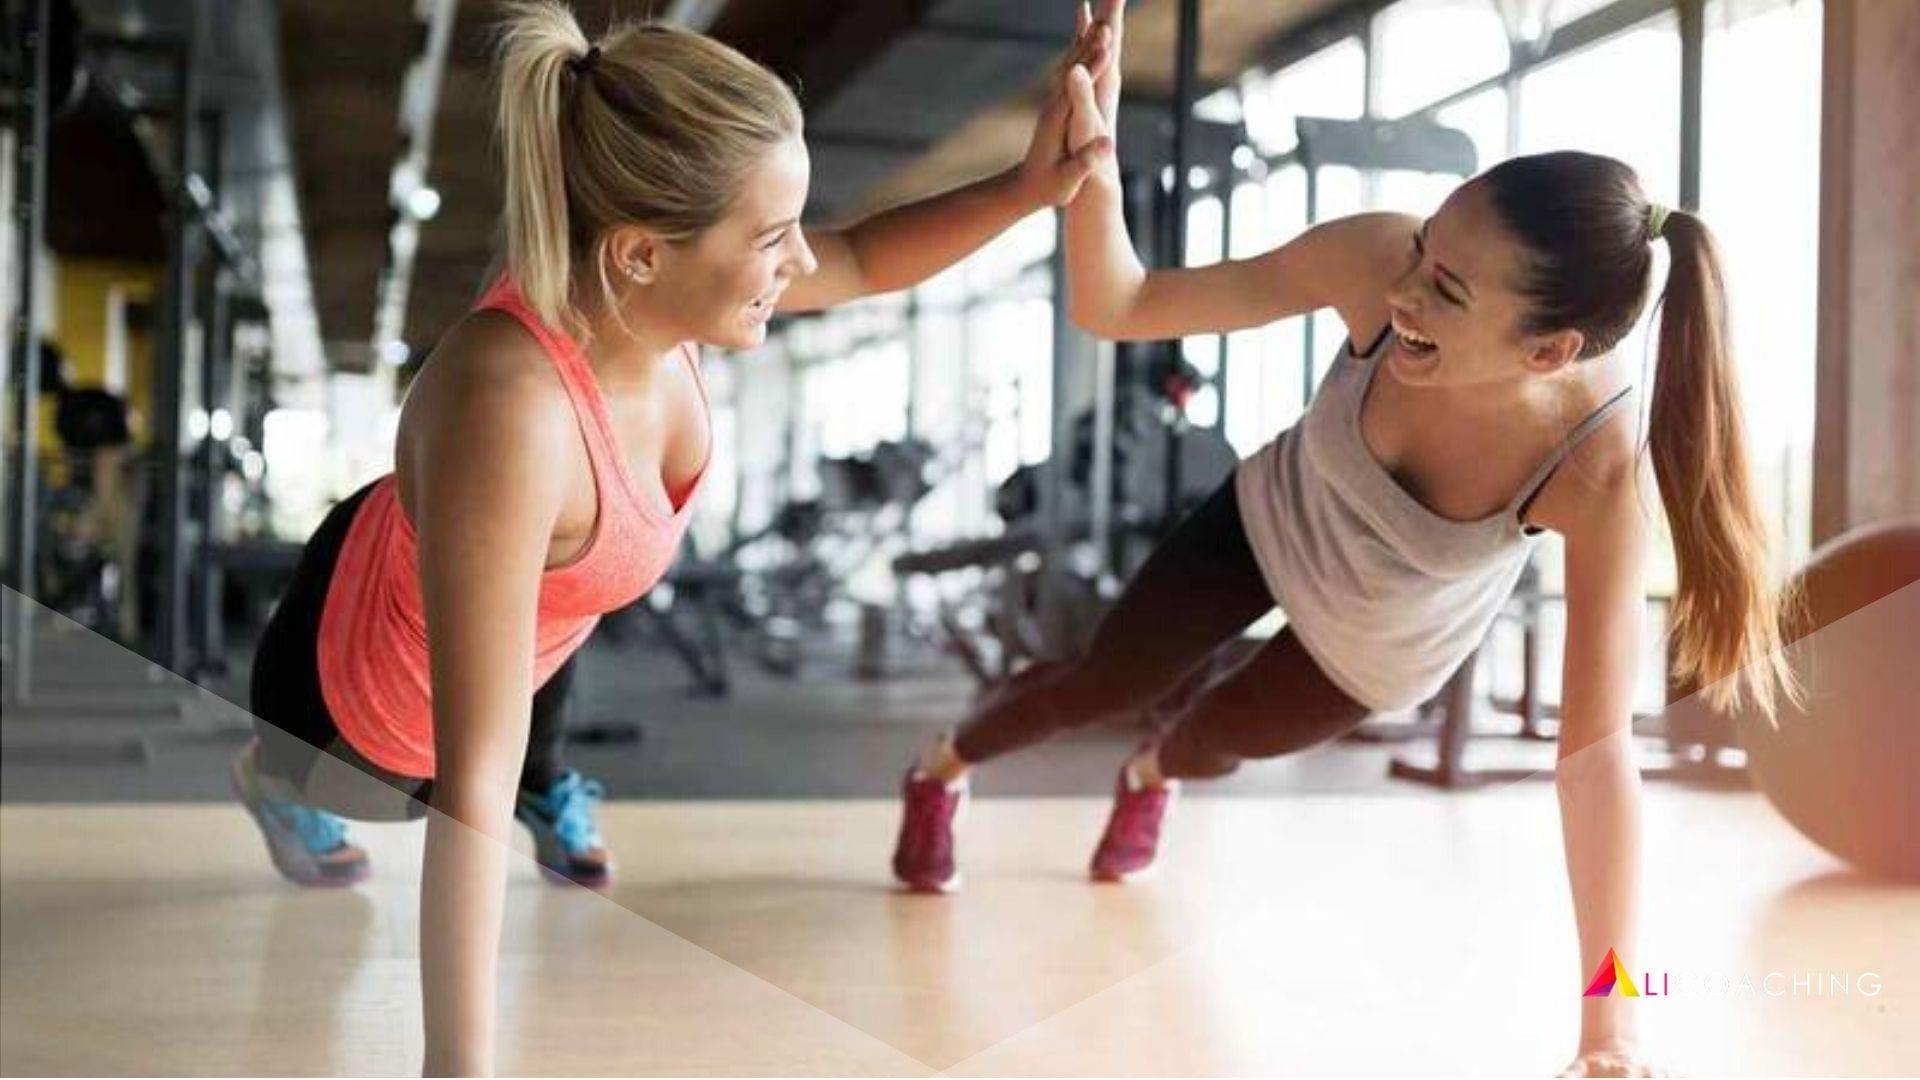 Un carico di motivazione. 4 consigli per rimanere innamorato dello sport!